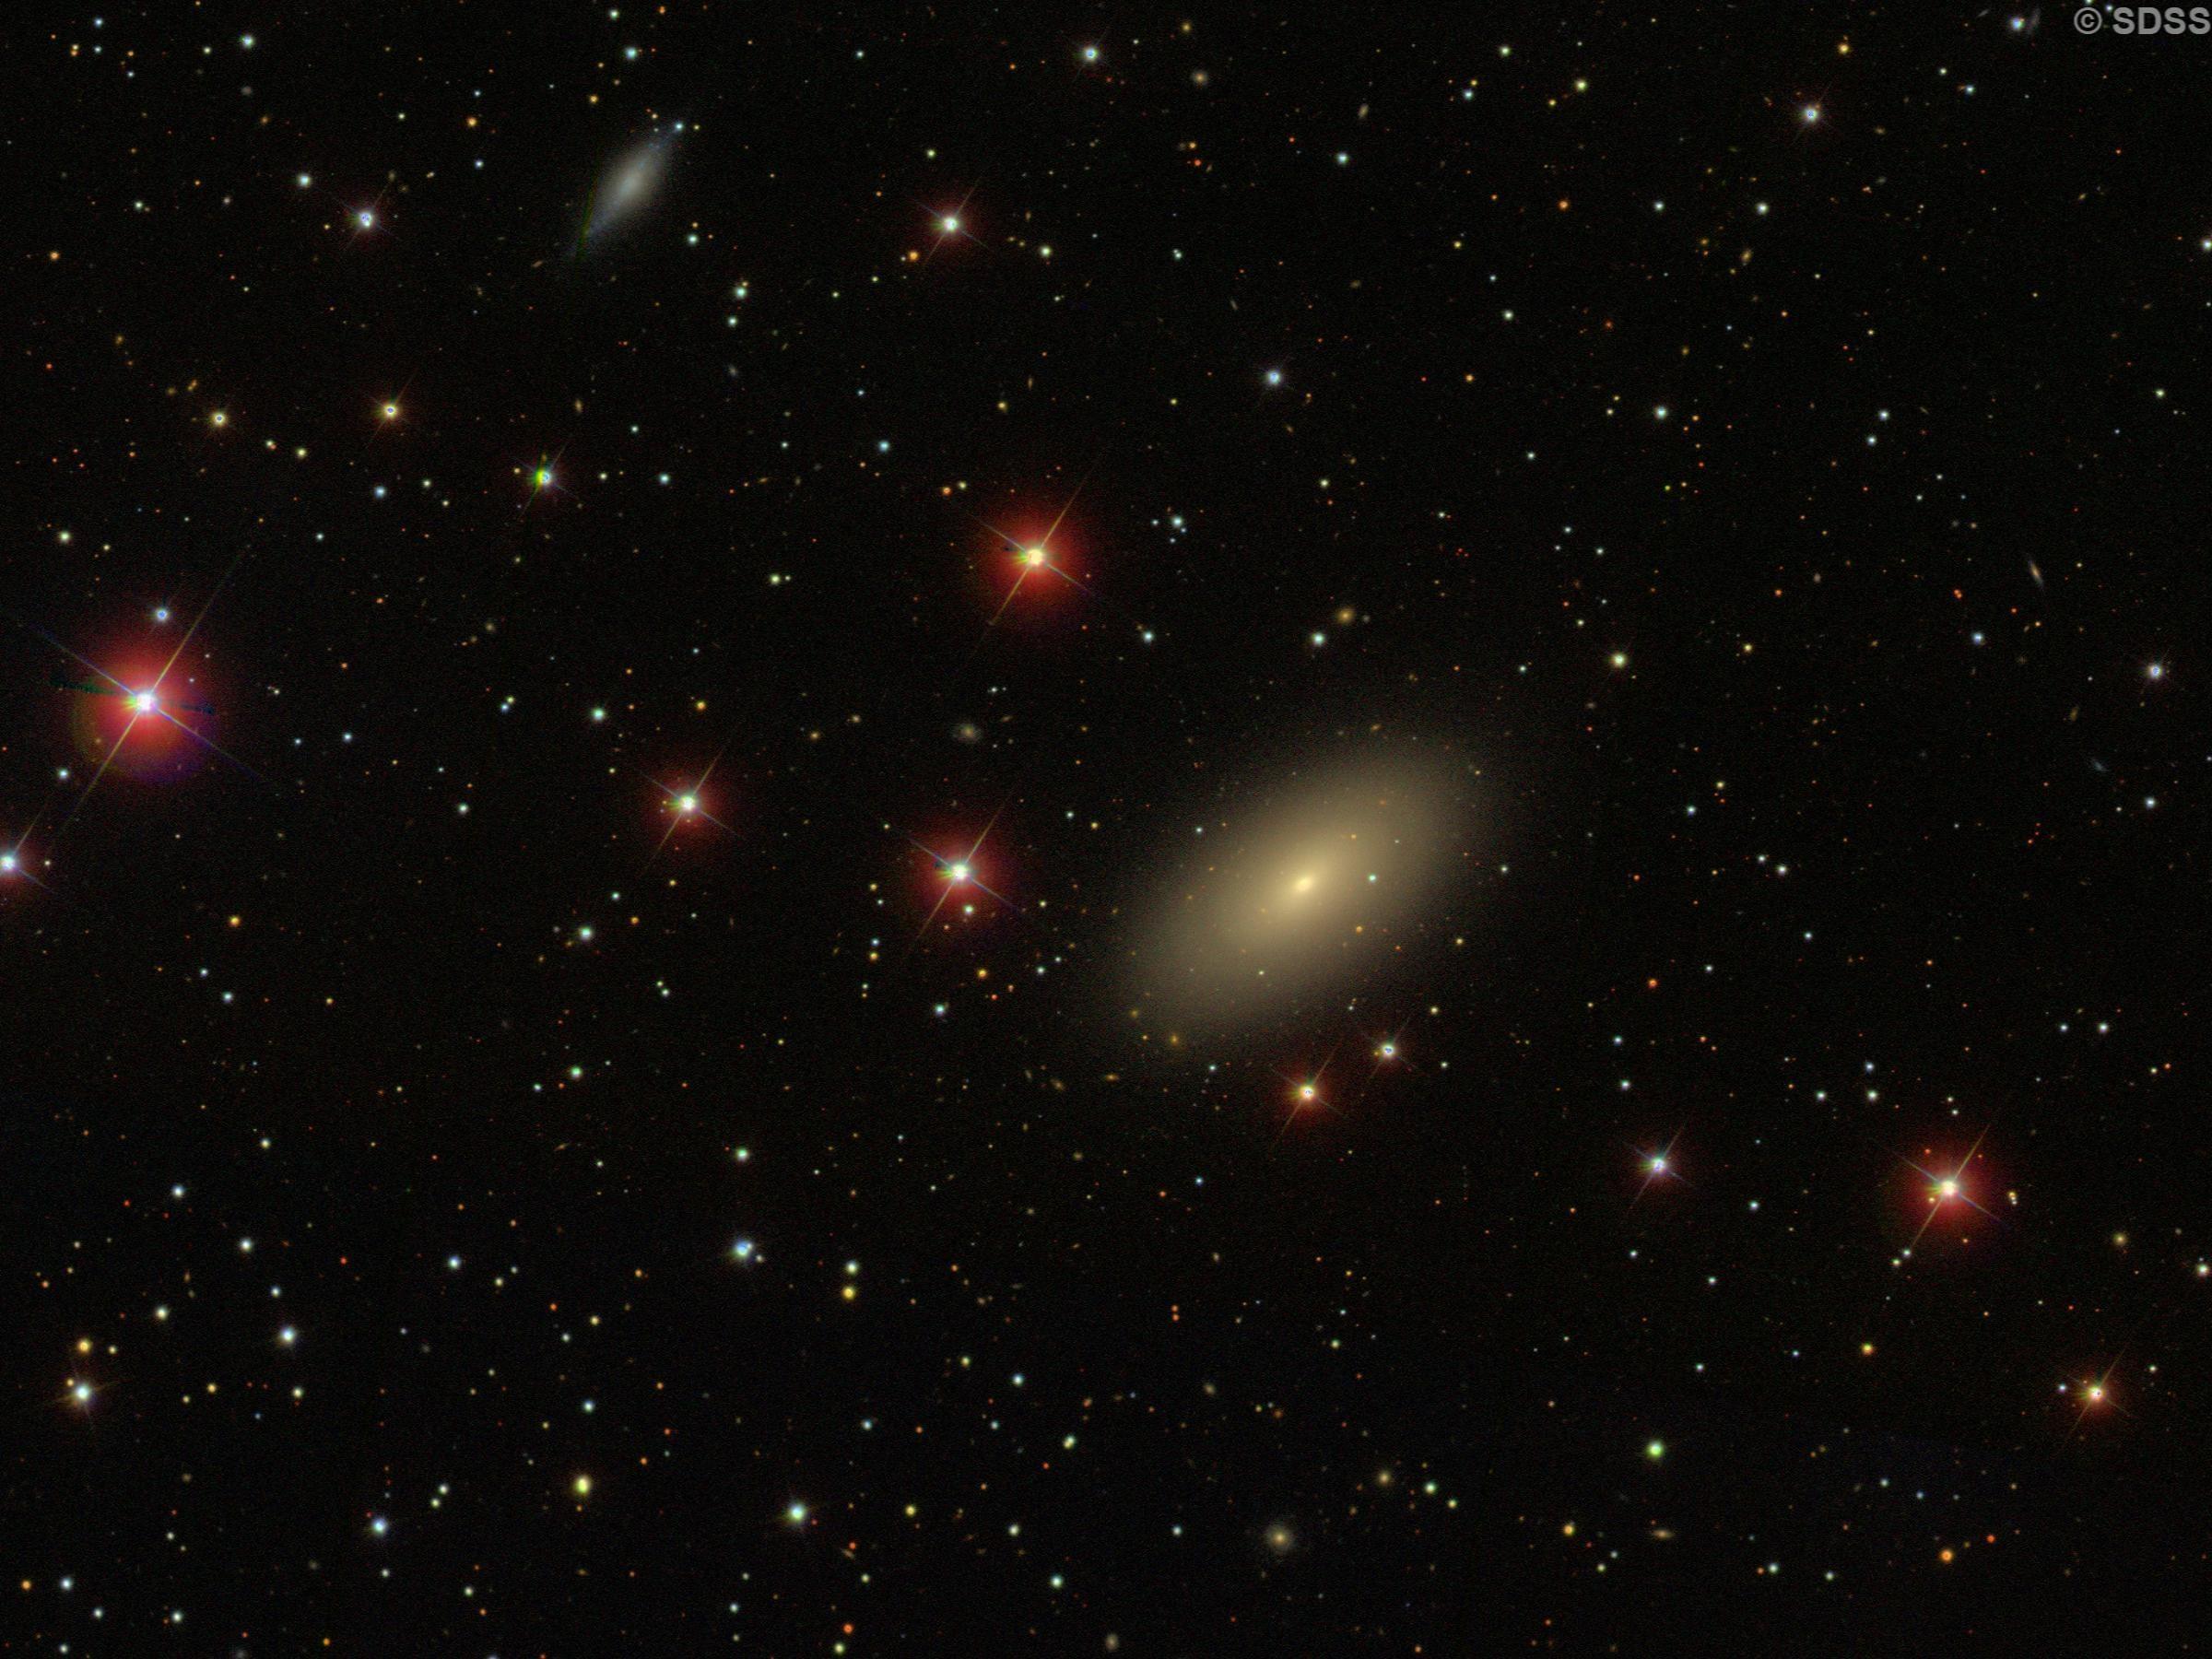 NGC 7457